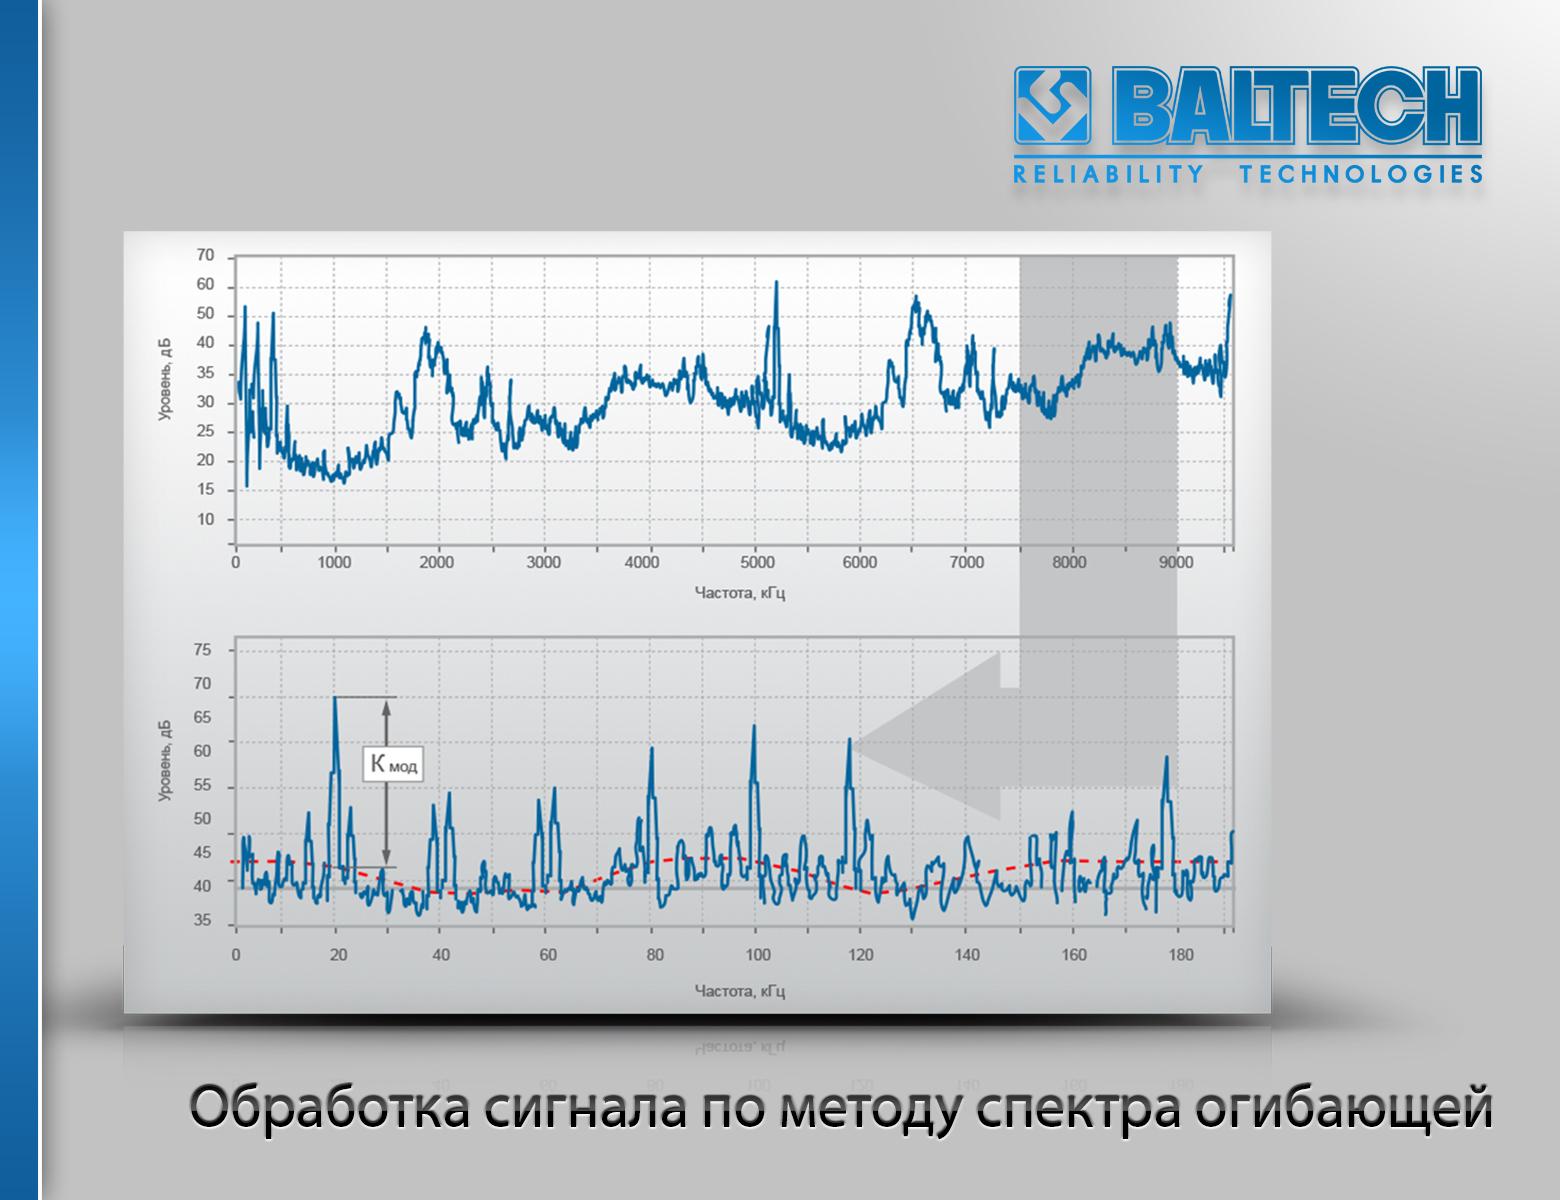 Метод анализа спектра огибающей, методы вибродиагностики, виброконтроль, вибромониторинг